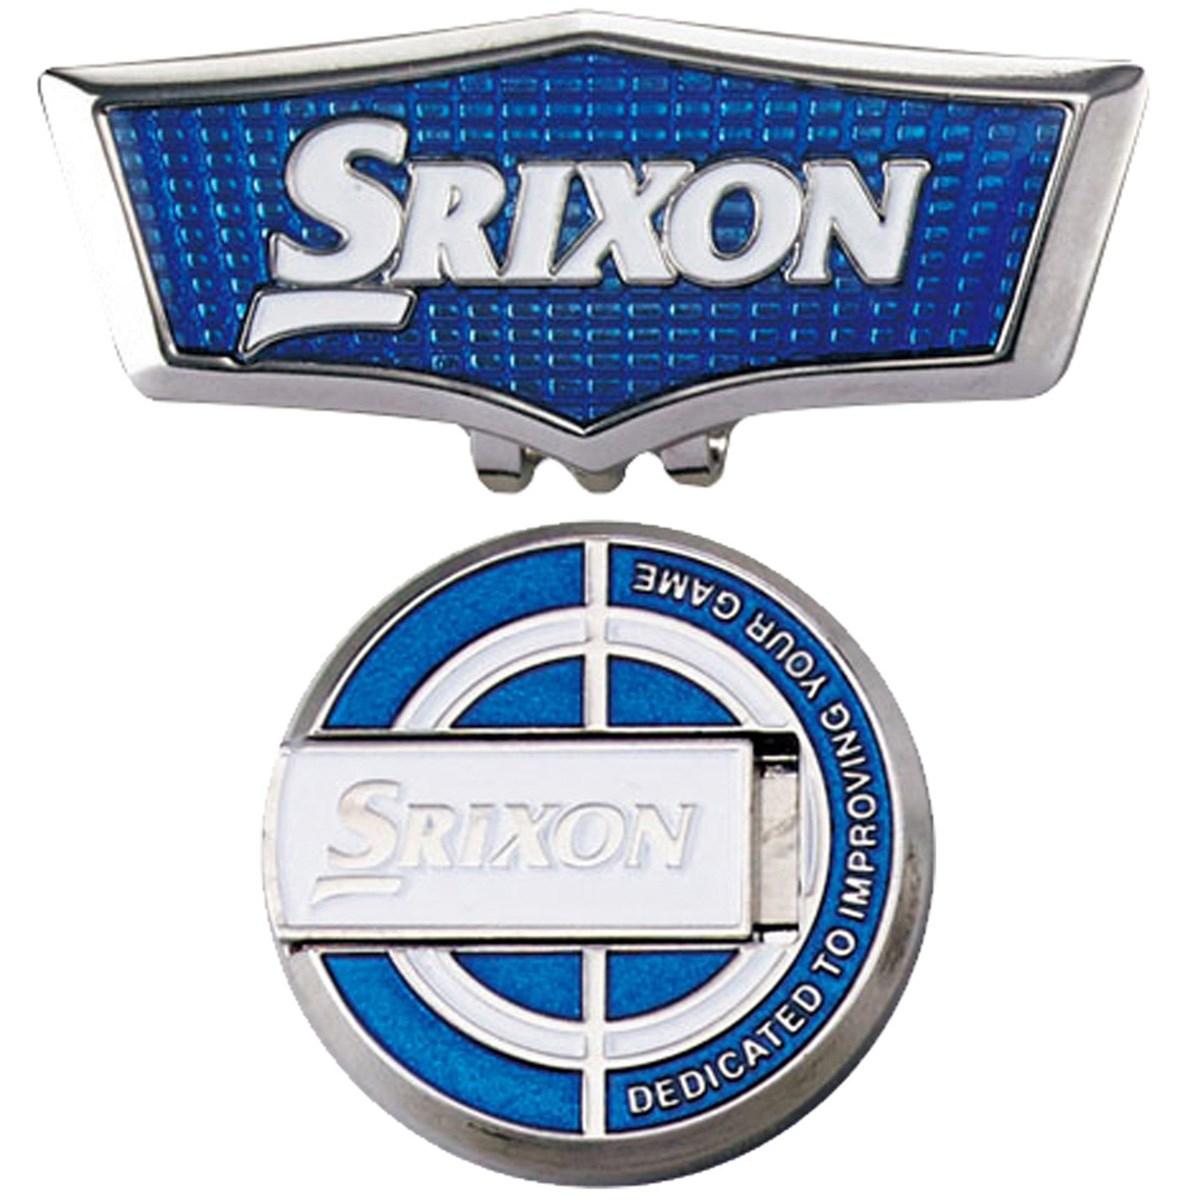 ダンロップ SRIXON クリップ&スタンドアップマーカー ブルー